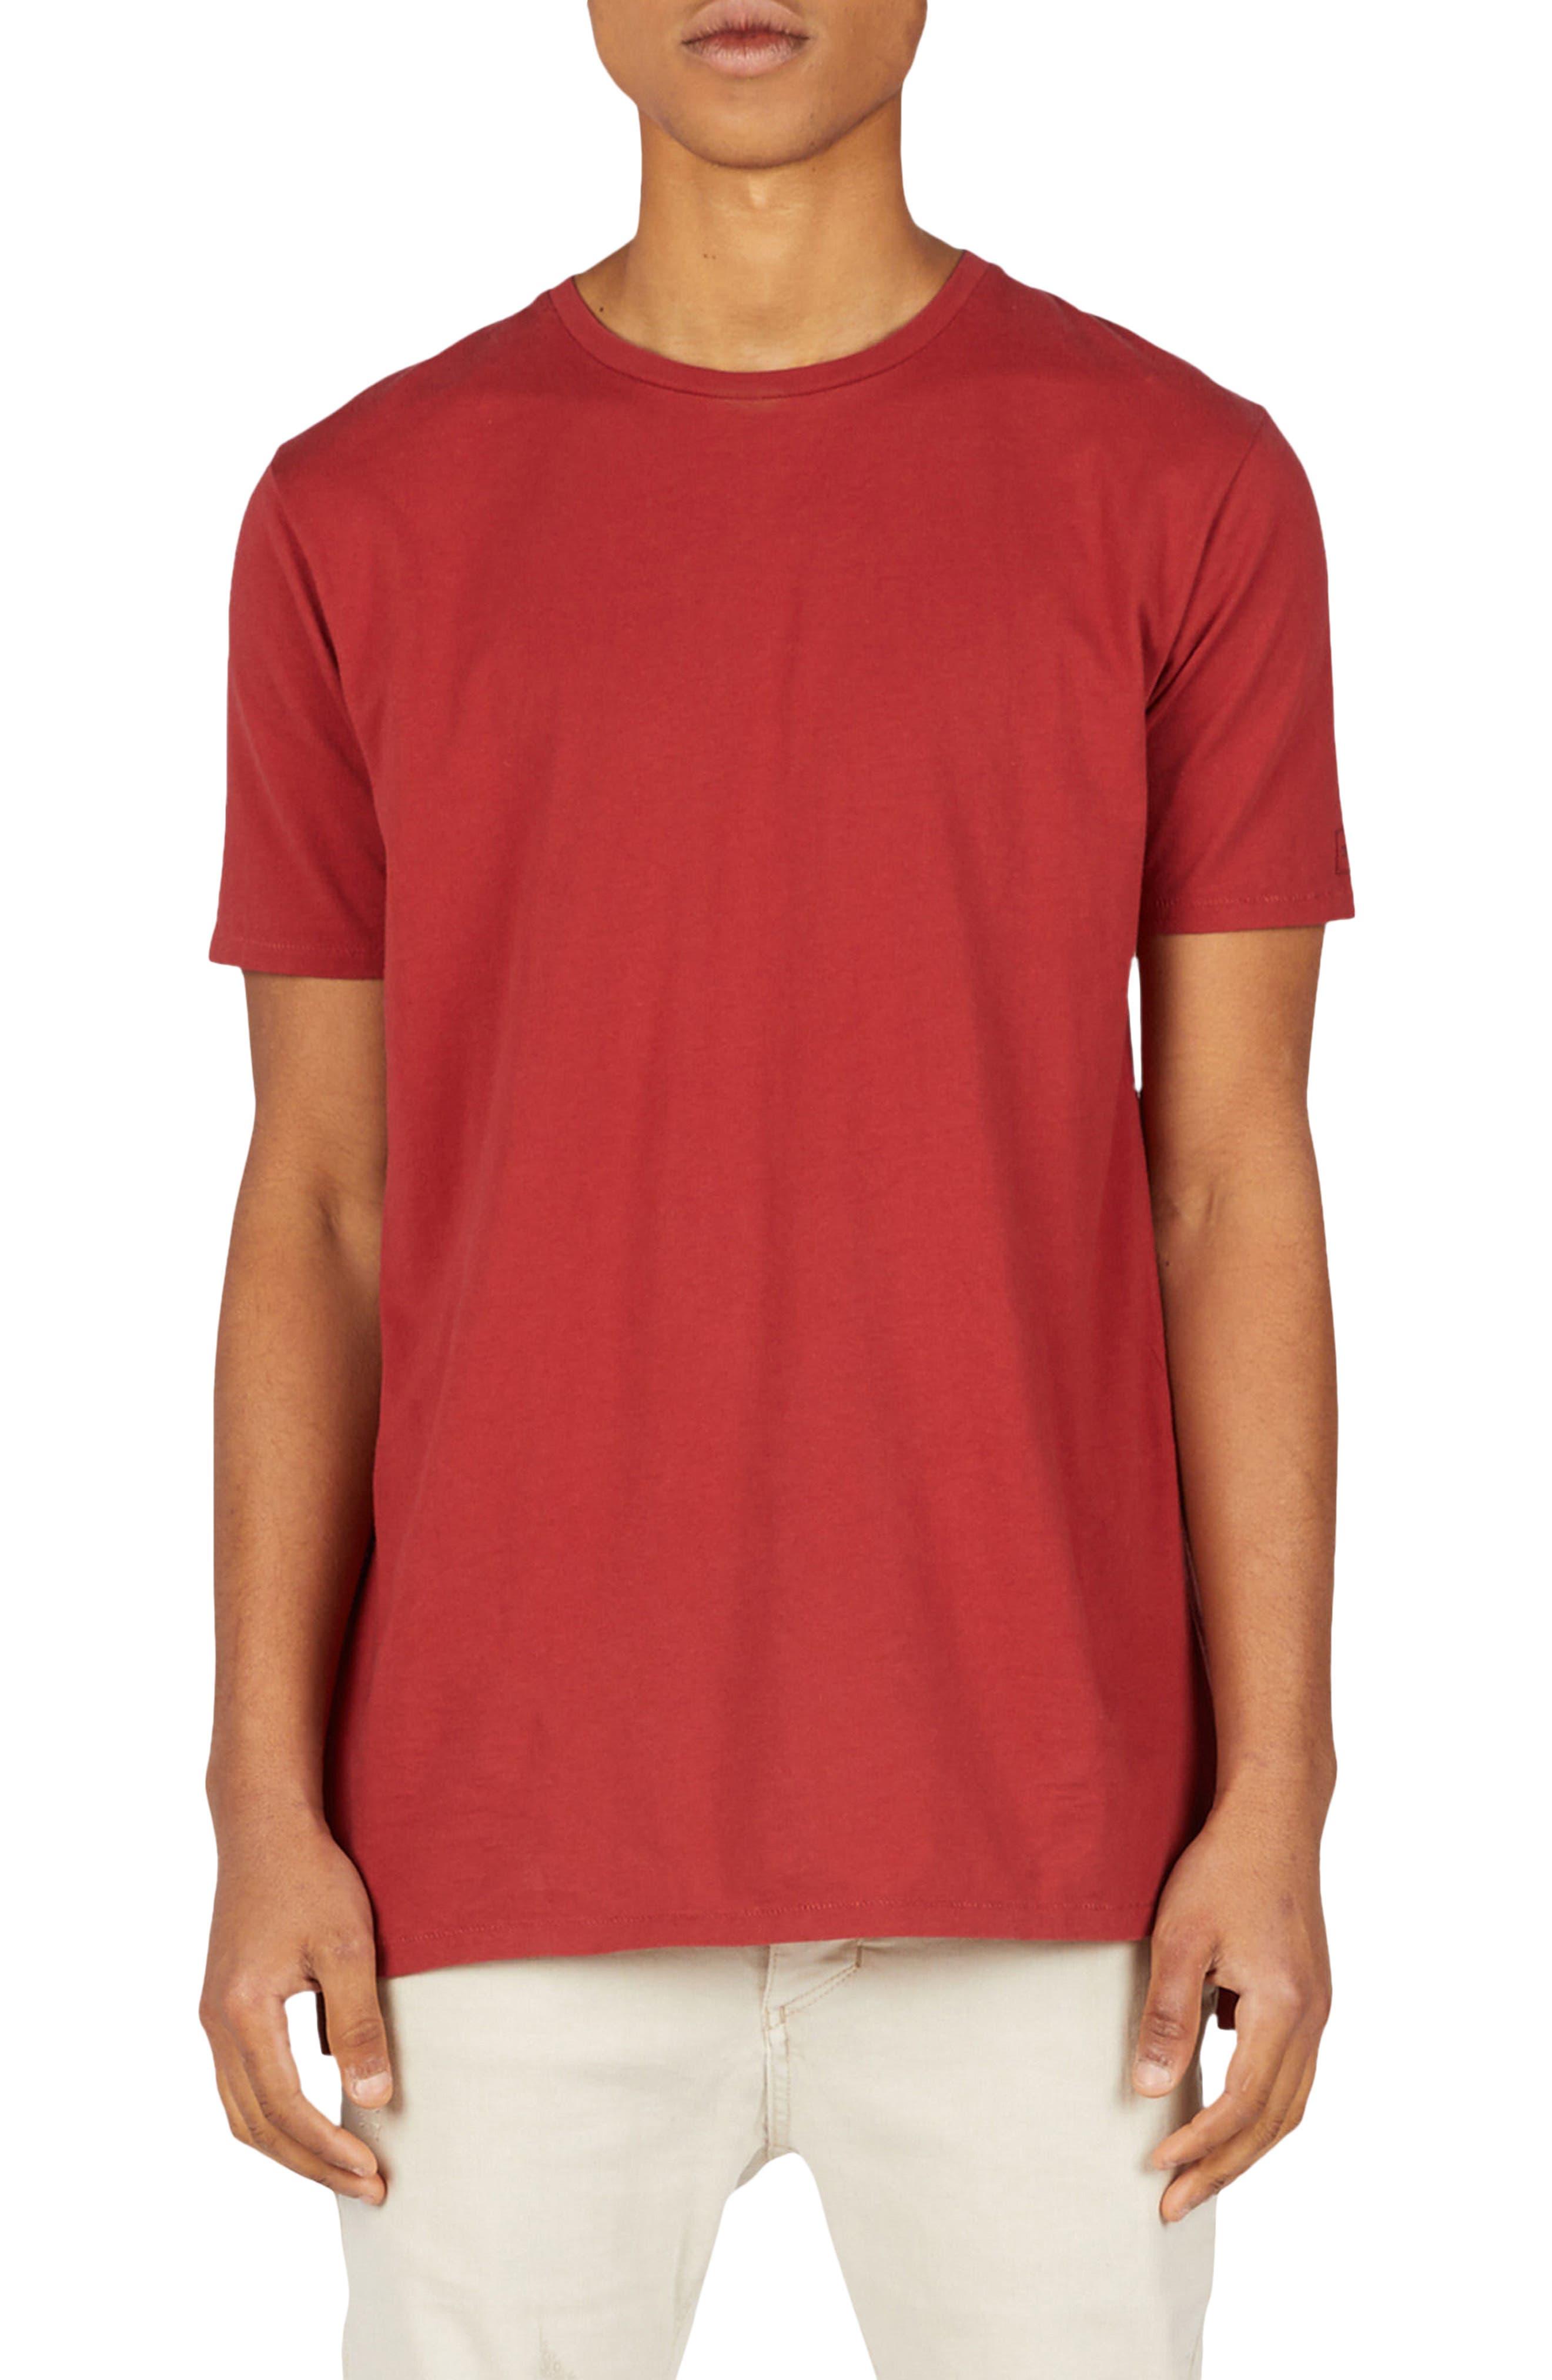 ZANEROBE Flintlock T-Shirt, Main, color, 601